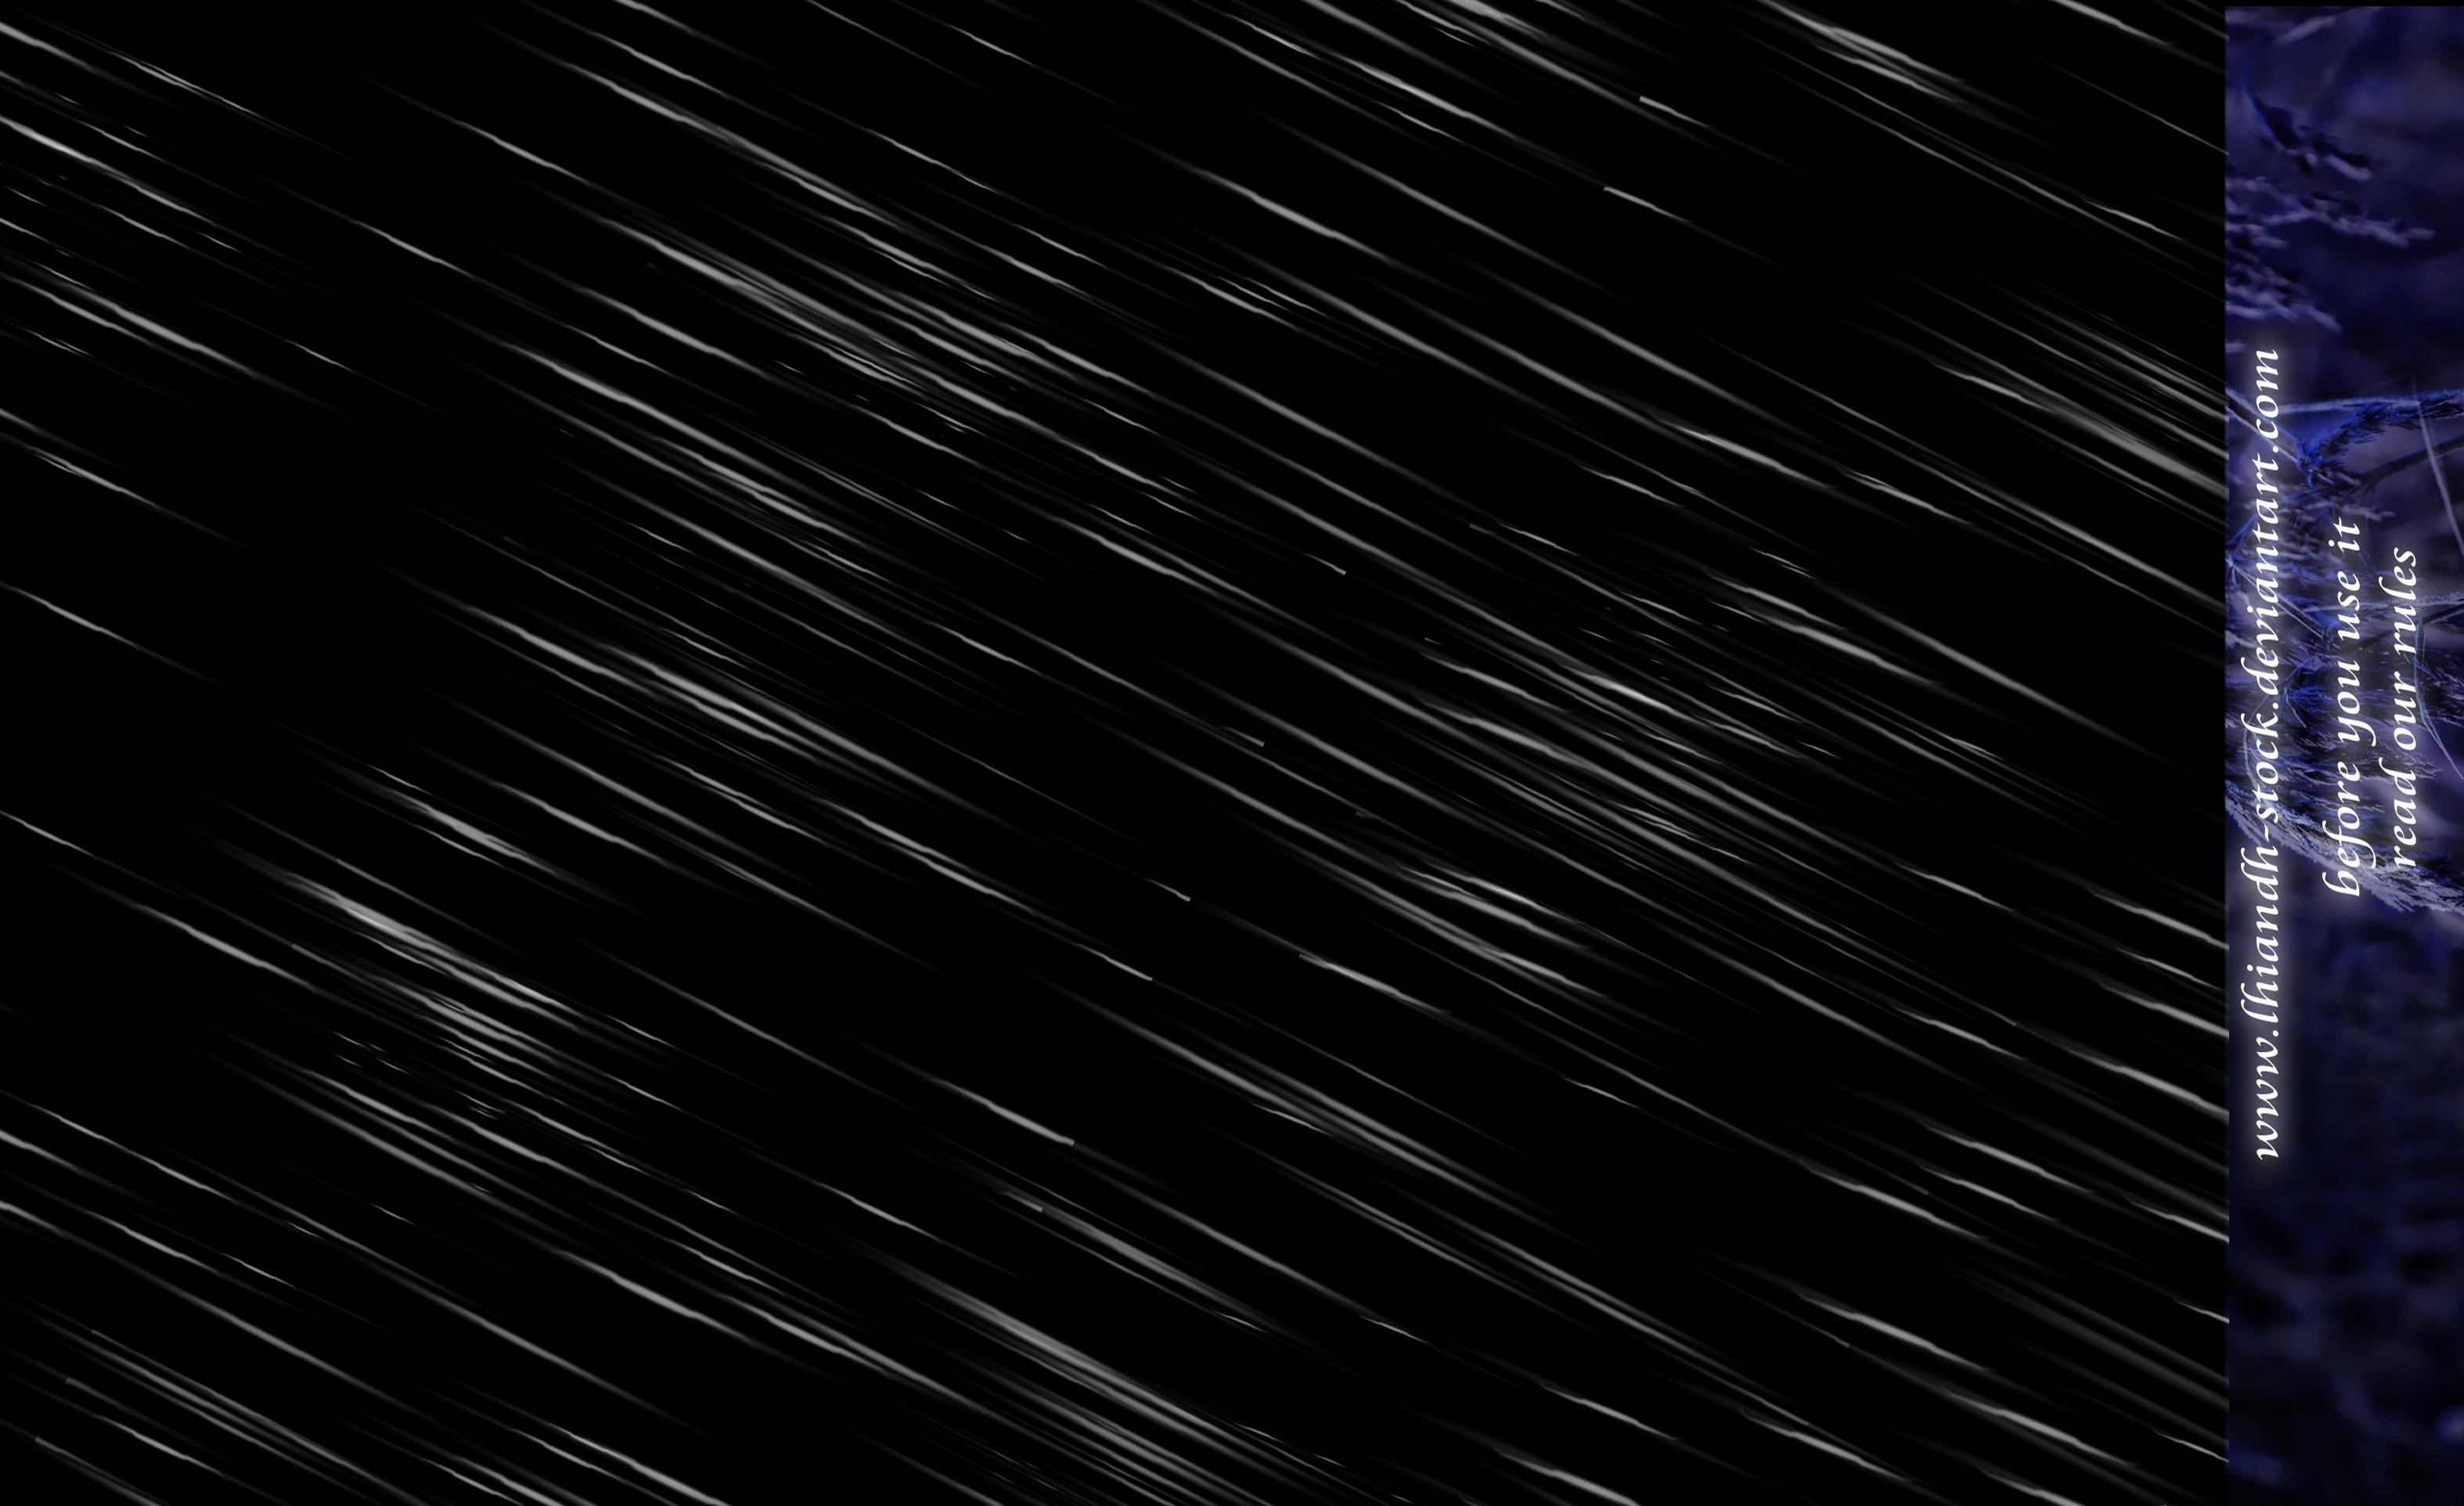 texture030 rain by Lhiandh-stock